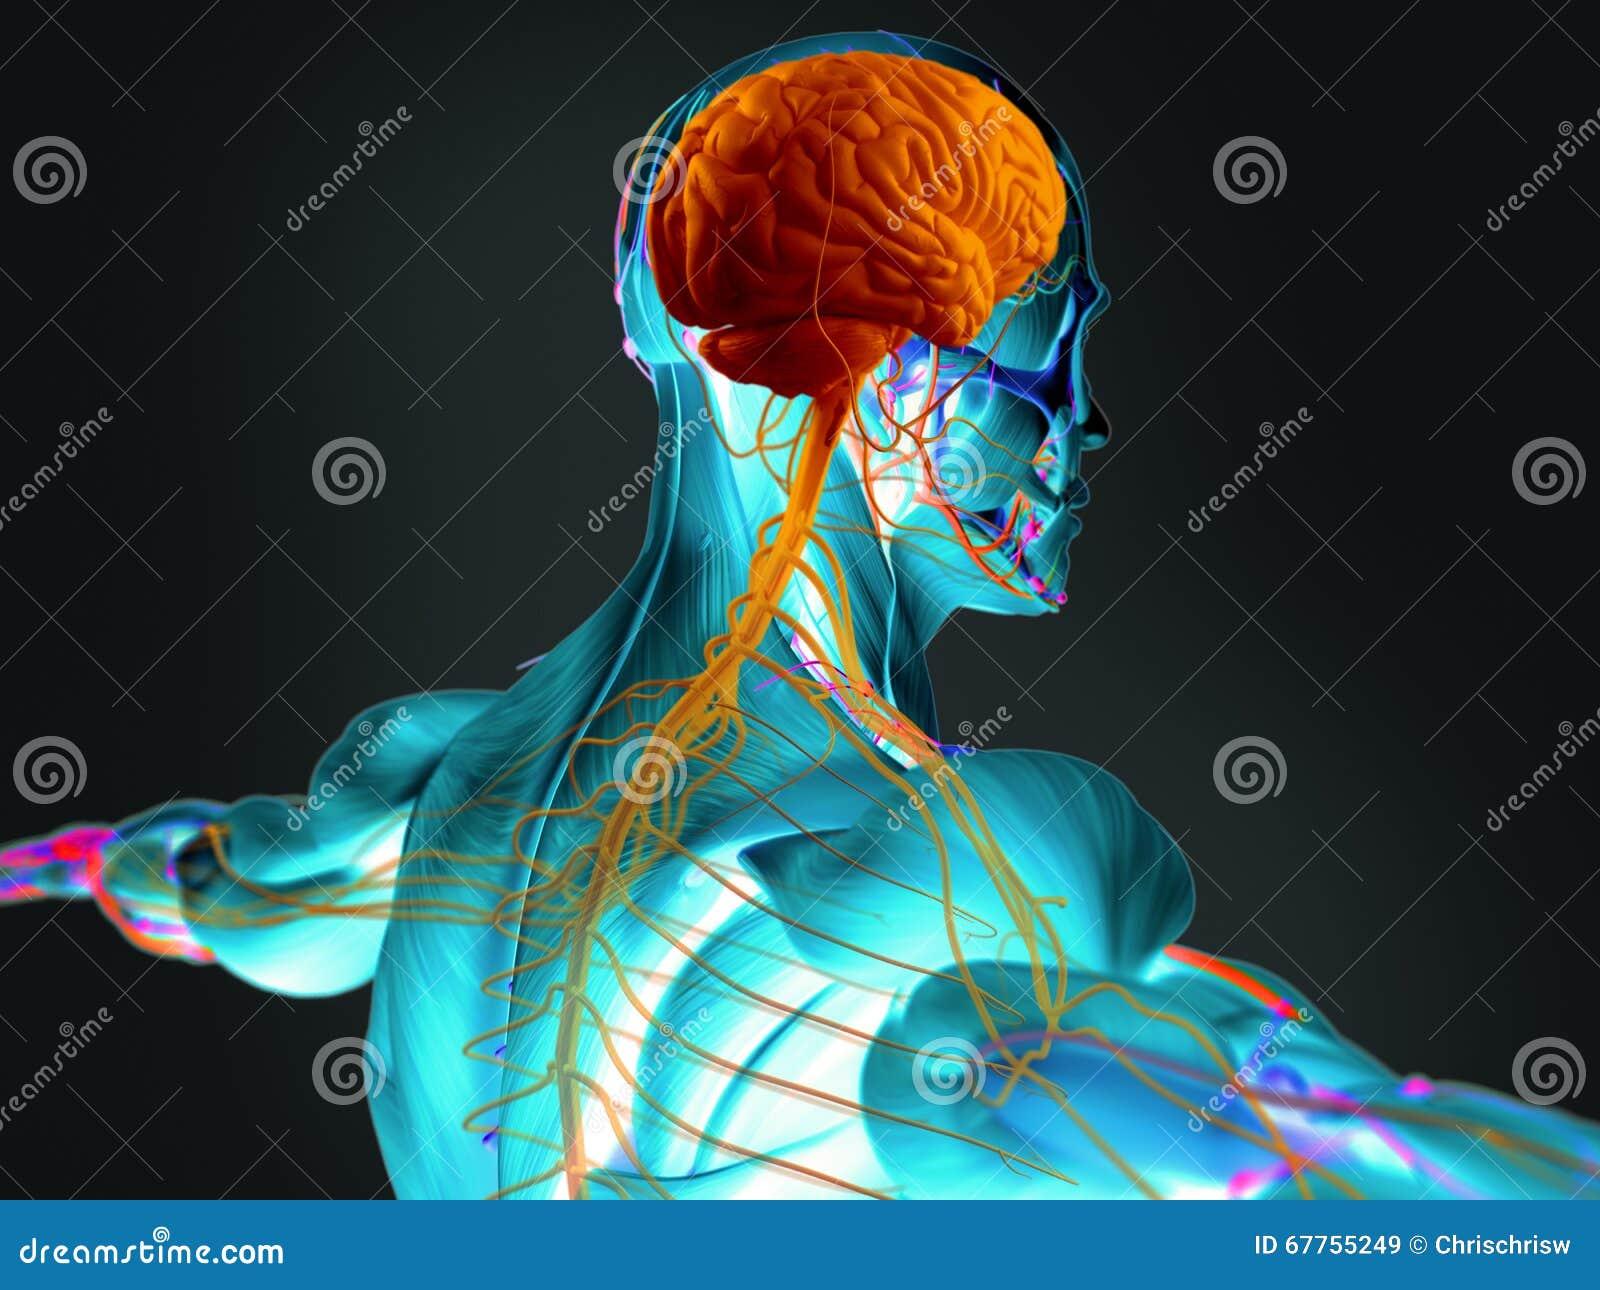 Menschliches Gehirn und nervöses sustem